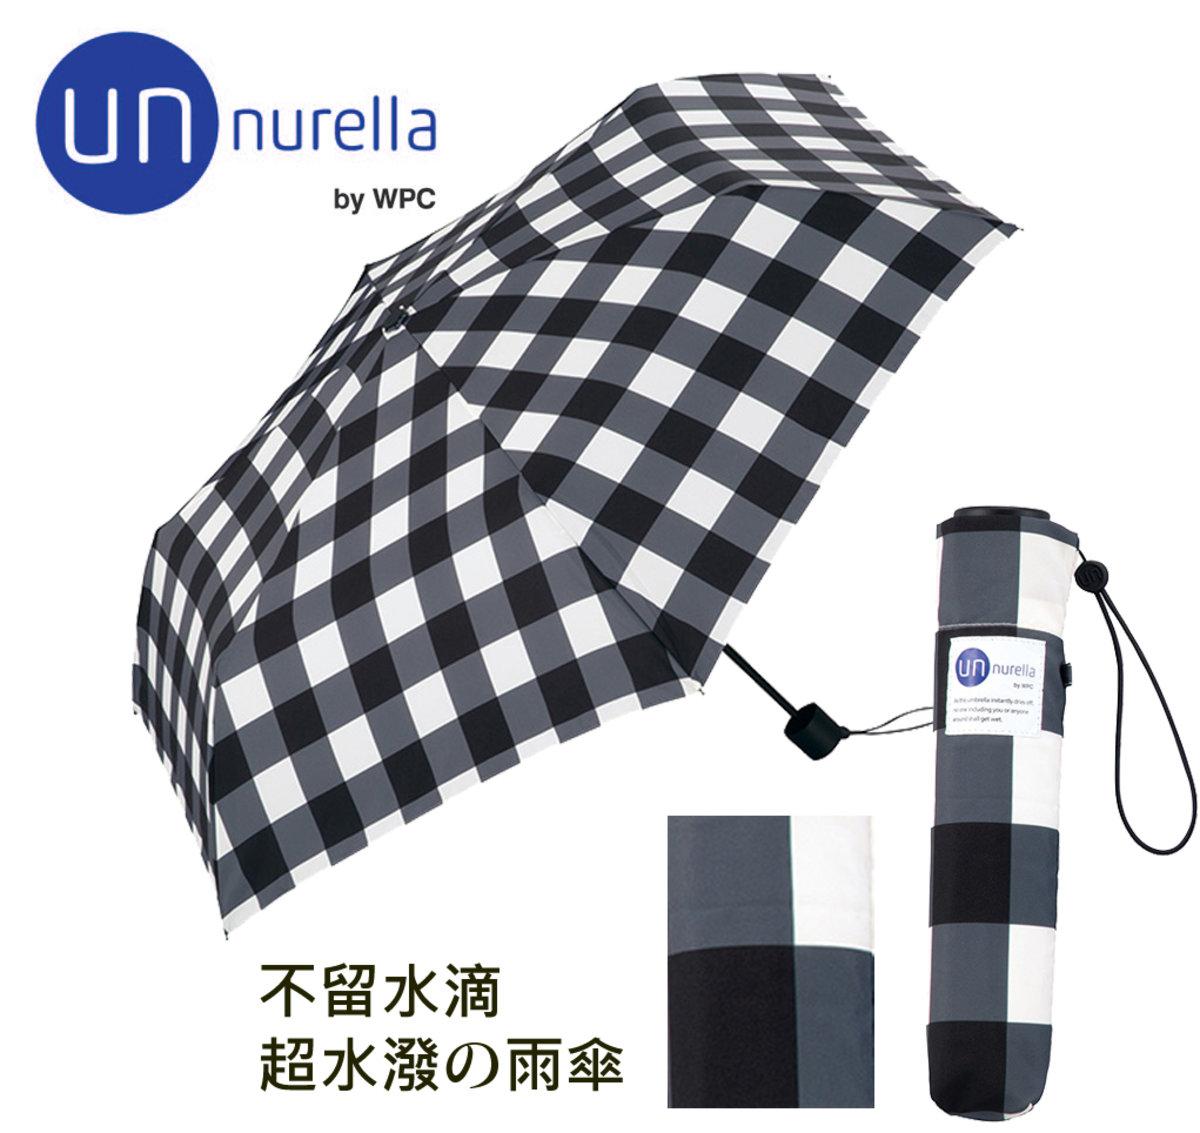 雨水一秒彈開 ‧日本雨傘專家 - 不沾水伸縮雨遮- 格仔/黑色